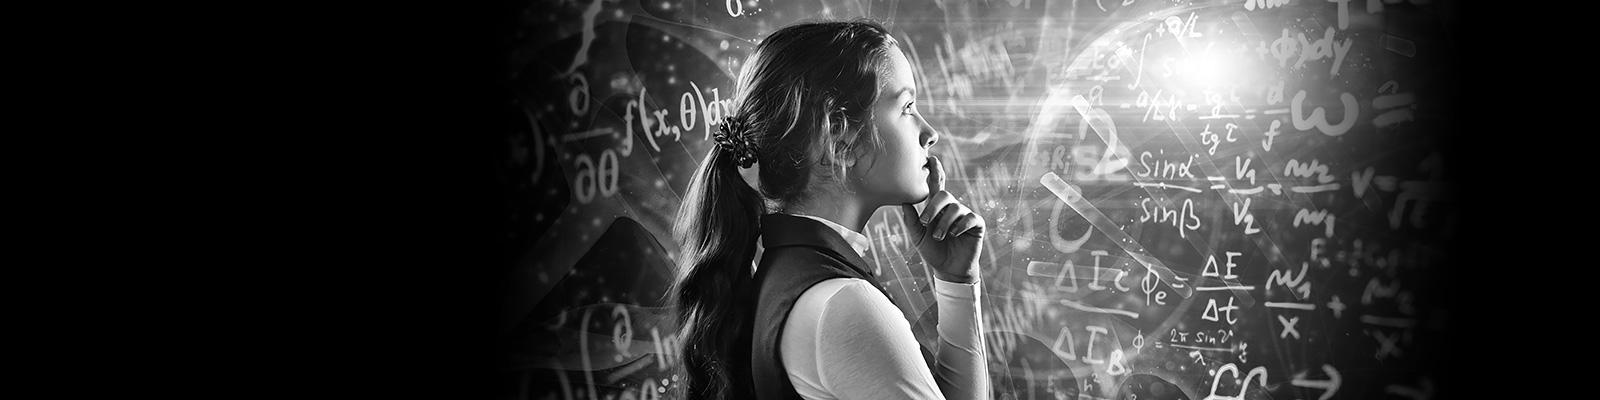 数学 神秘 女性 イメージ